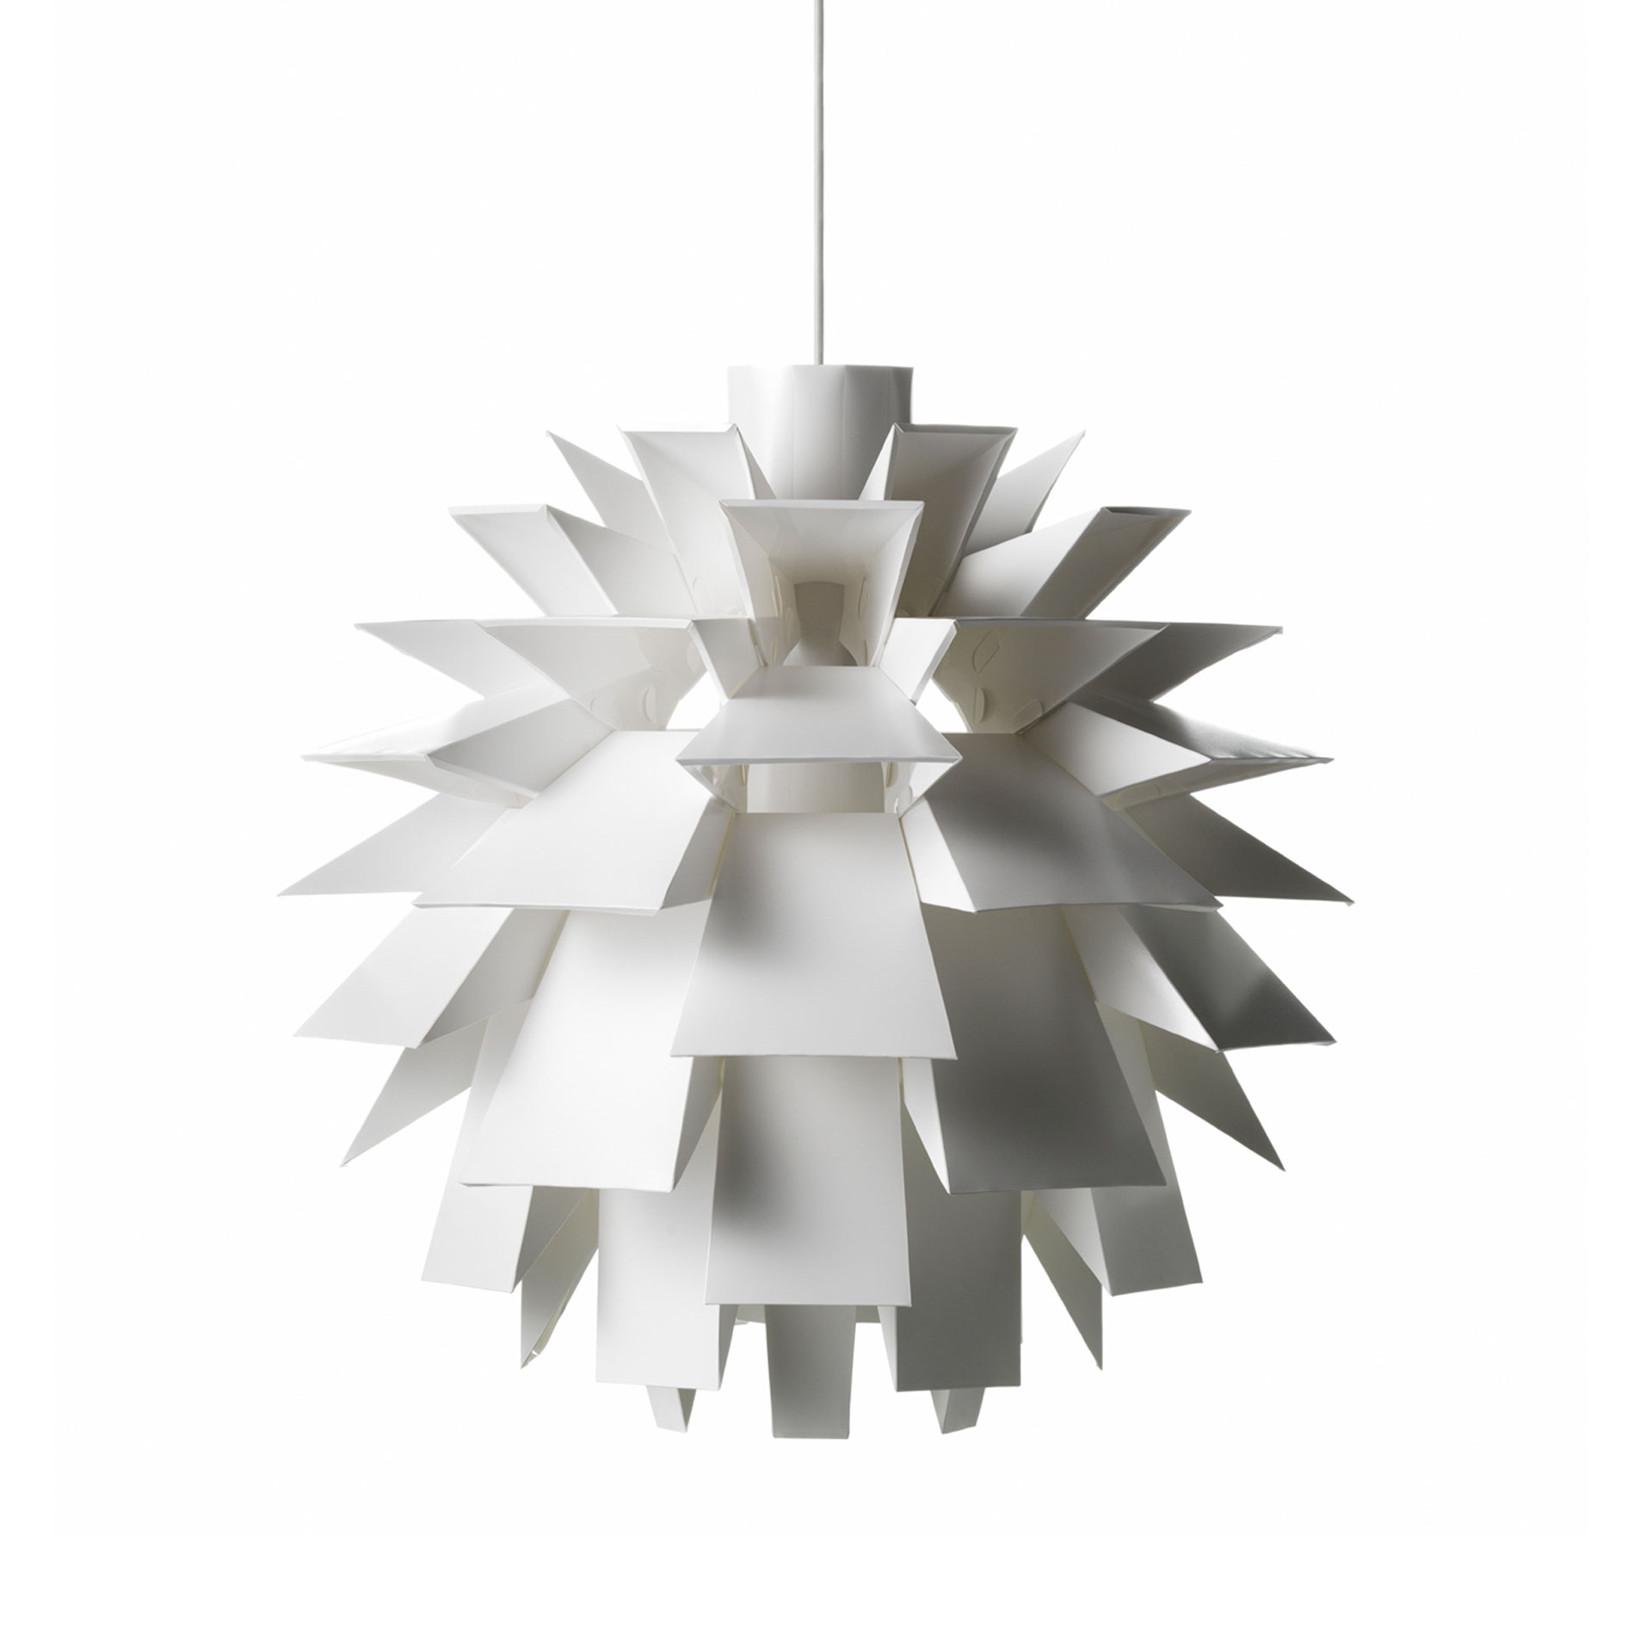 Normann Cph Norm 69 Lamp XL